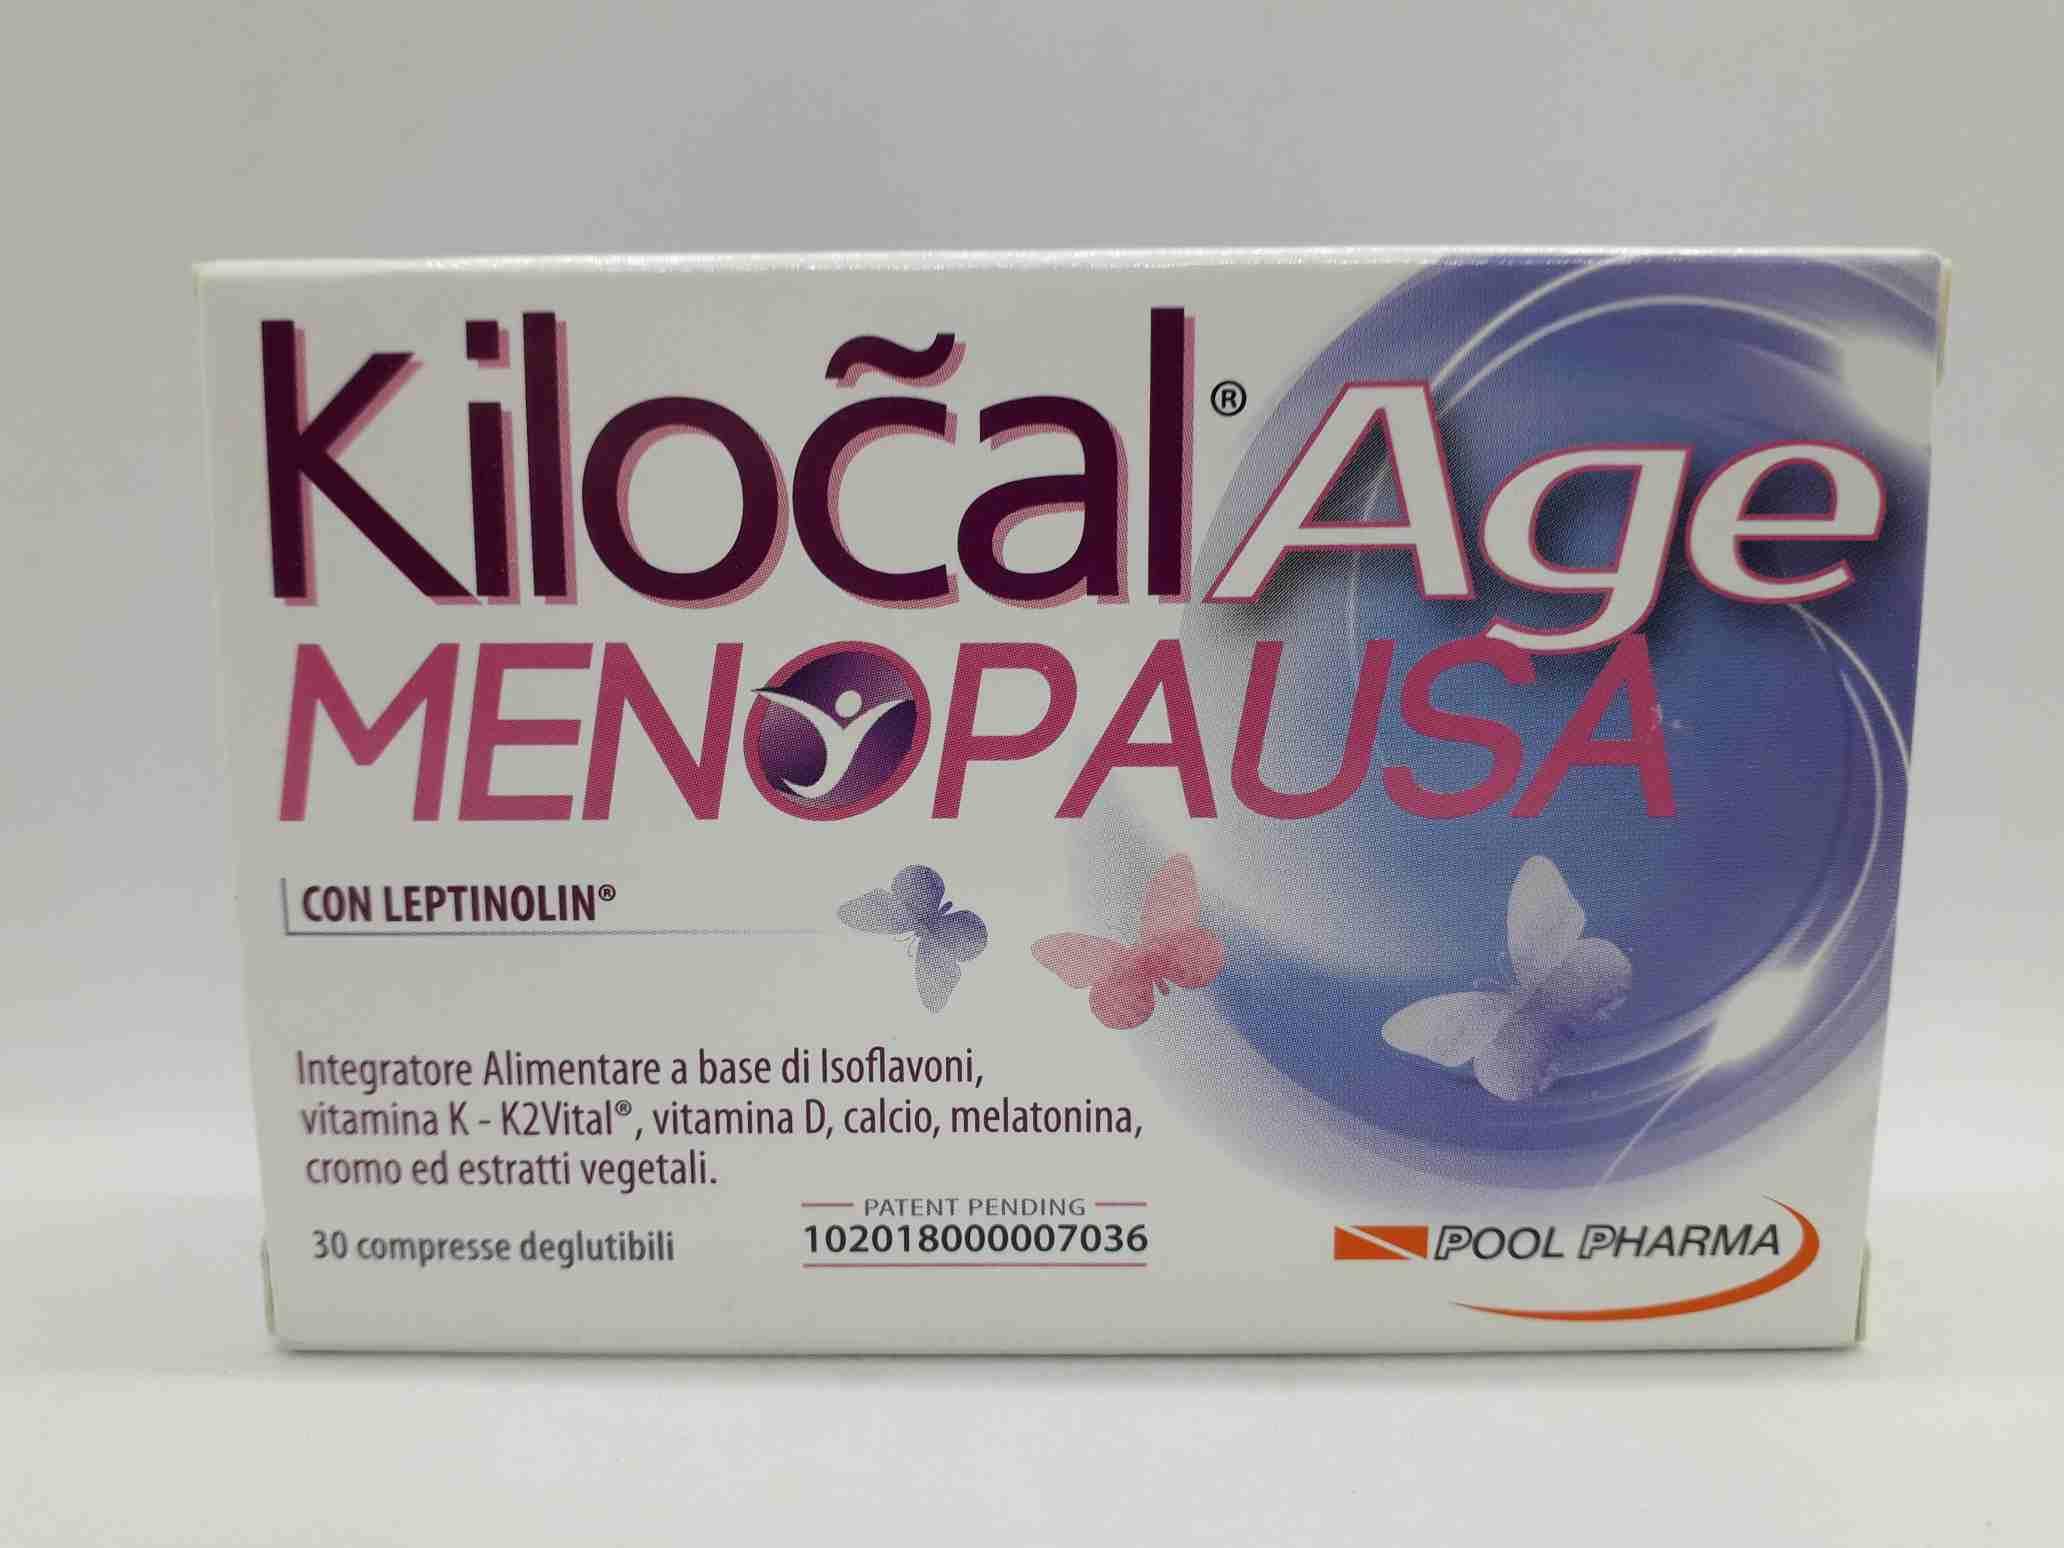 KILOCAL AGE MENOPAUSA 30 COMPRESSE - Farmaciaempatica.it